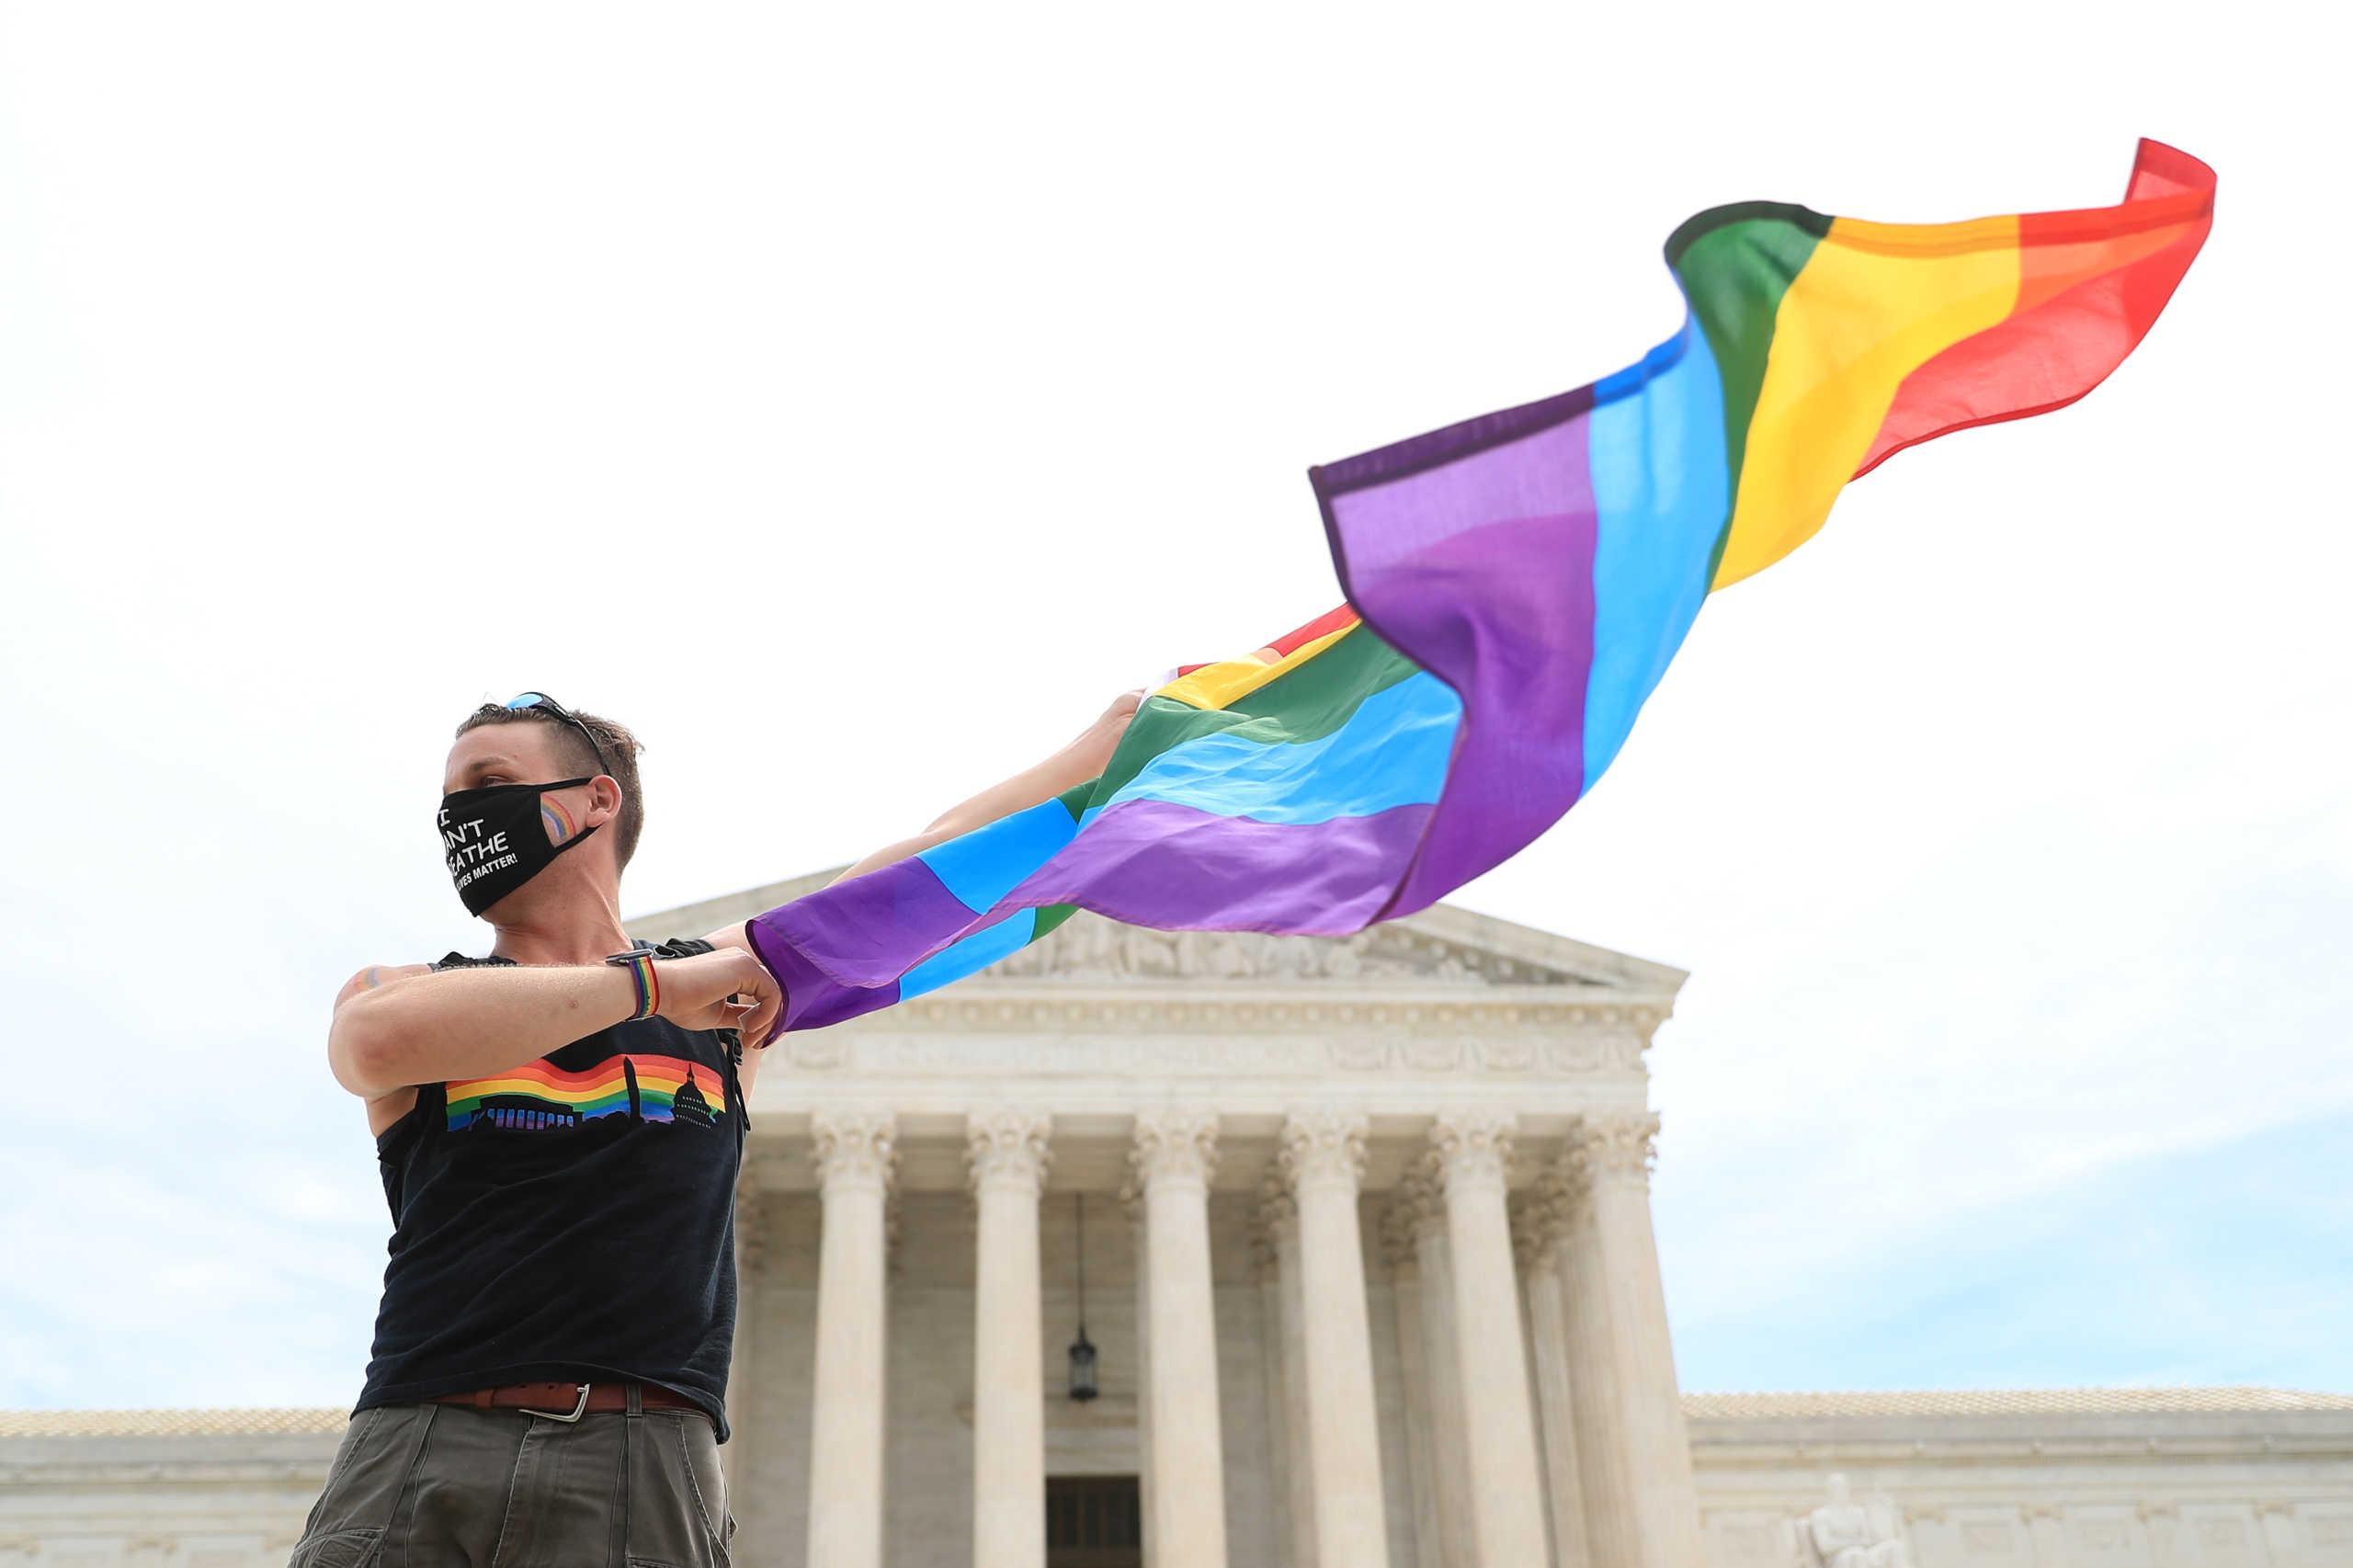 ΗΠΑ: Παράνομη η απόλυση εργαζομένου λόγω ομοφυλοφιλίας με απόφαση δικαστηρίου